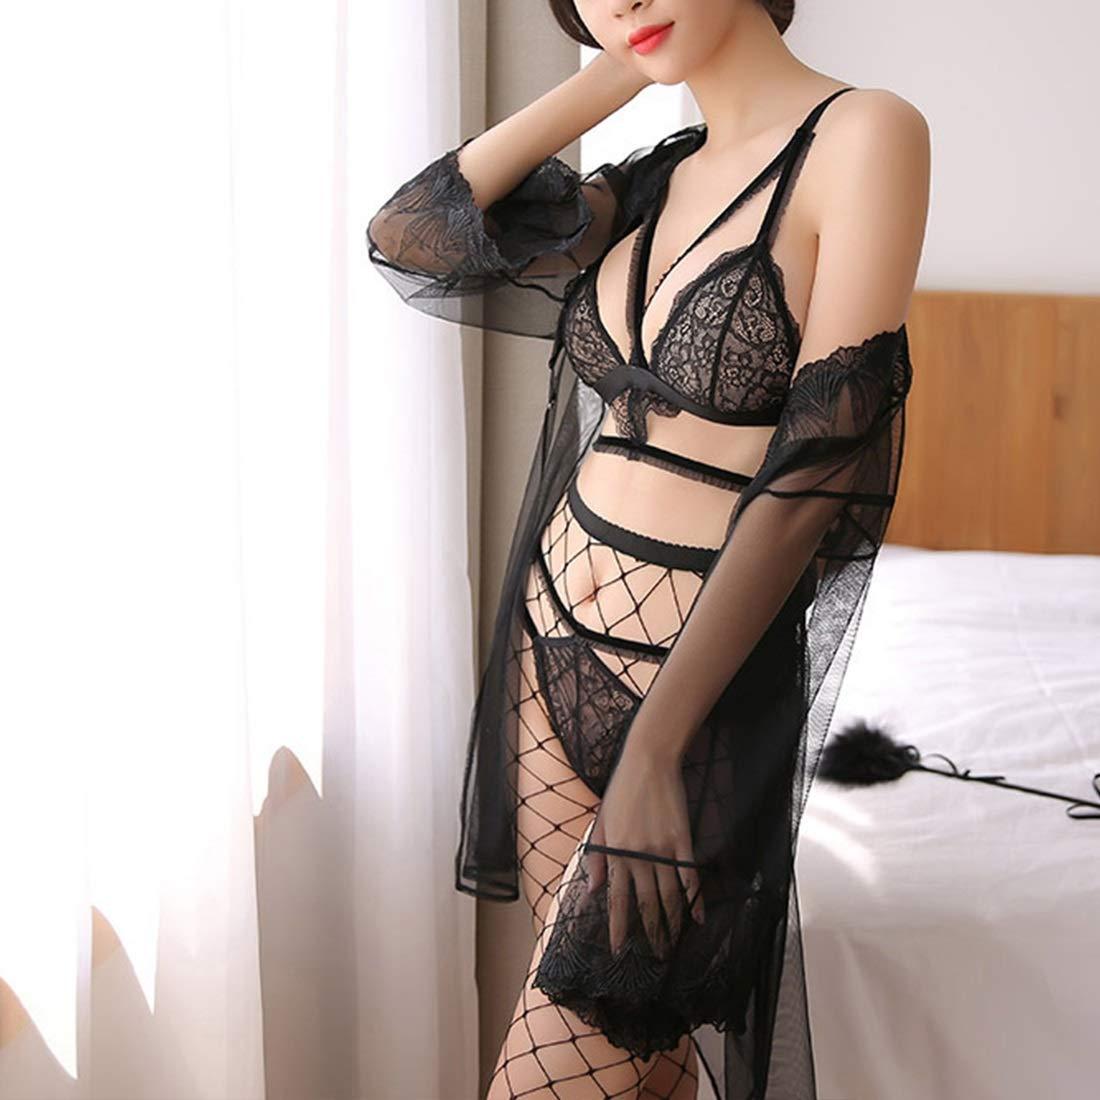 FELICIKK FELICIKK FELICIKK Lencería Sexy Negra Bragas de Sujetador Sexy con Medias de rojo Blusa de Encaje Hueco Body para Mujeres (Color : negro, Size : One Size) 7f6e5d